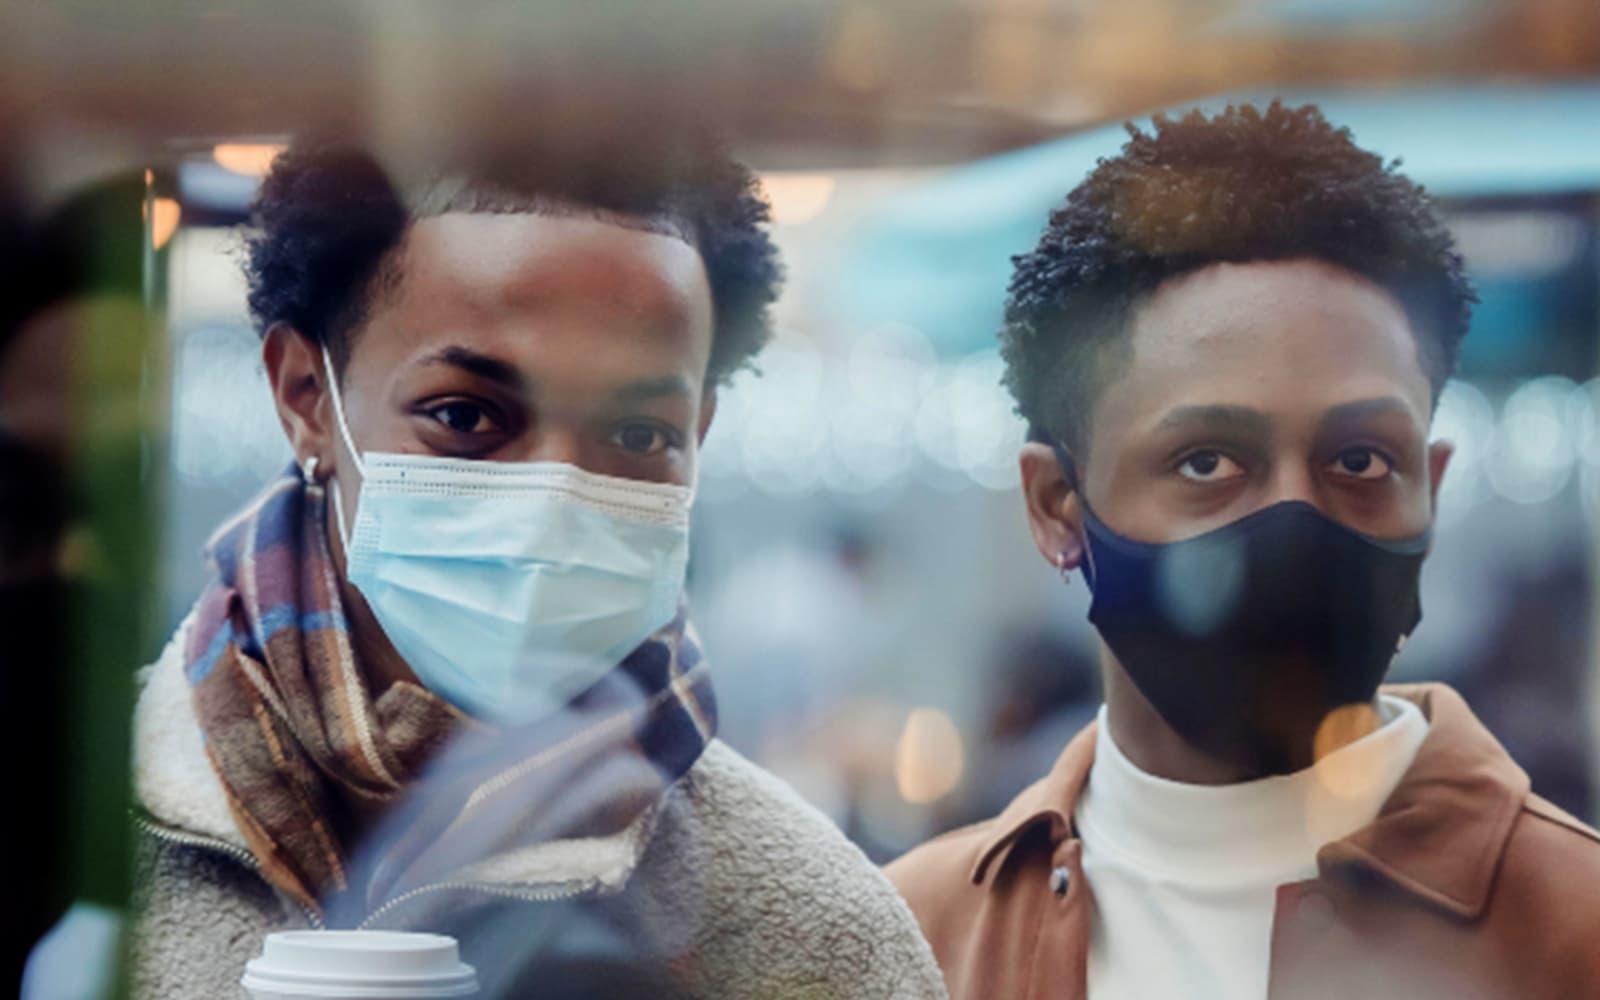 Deux jeunes hommes masqués qui regardent par une fenêtre.